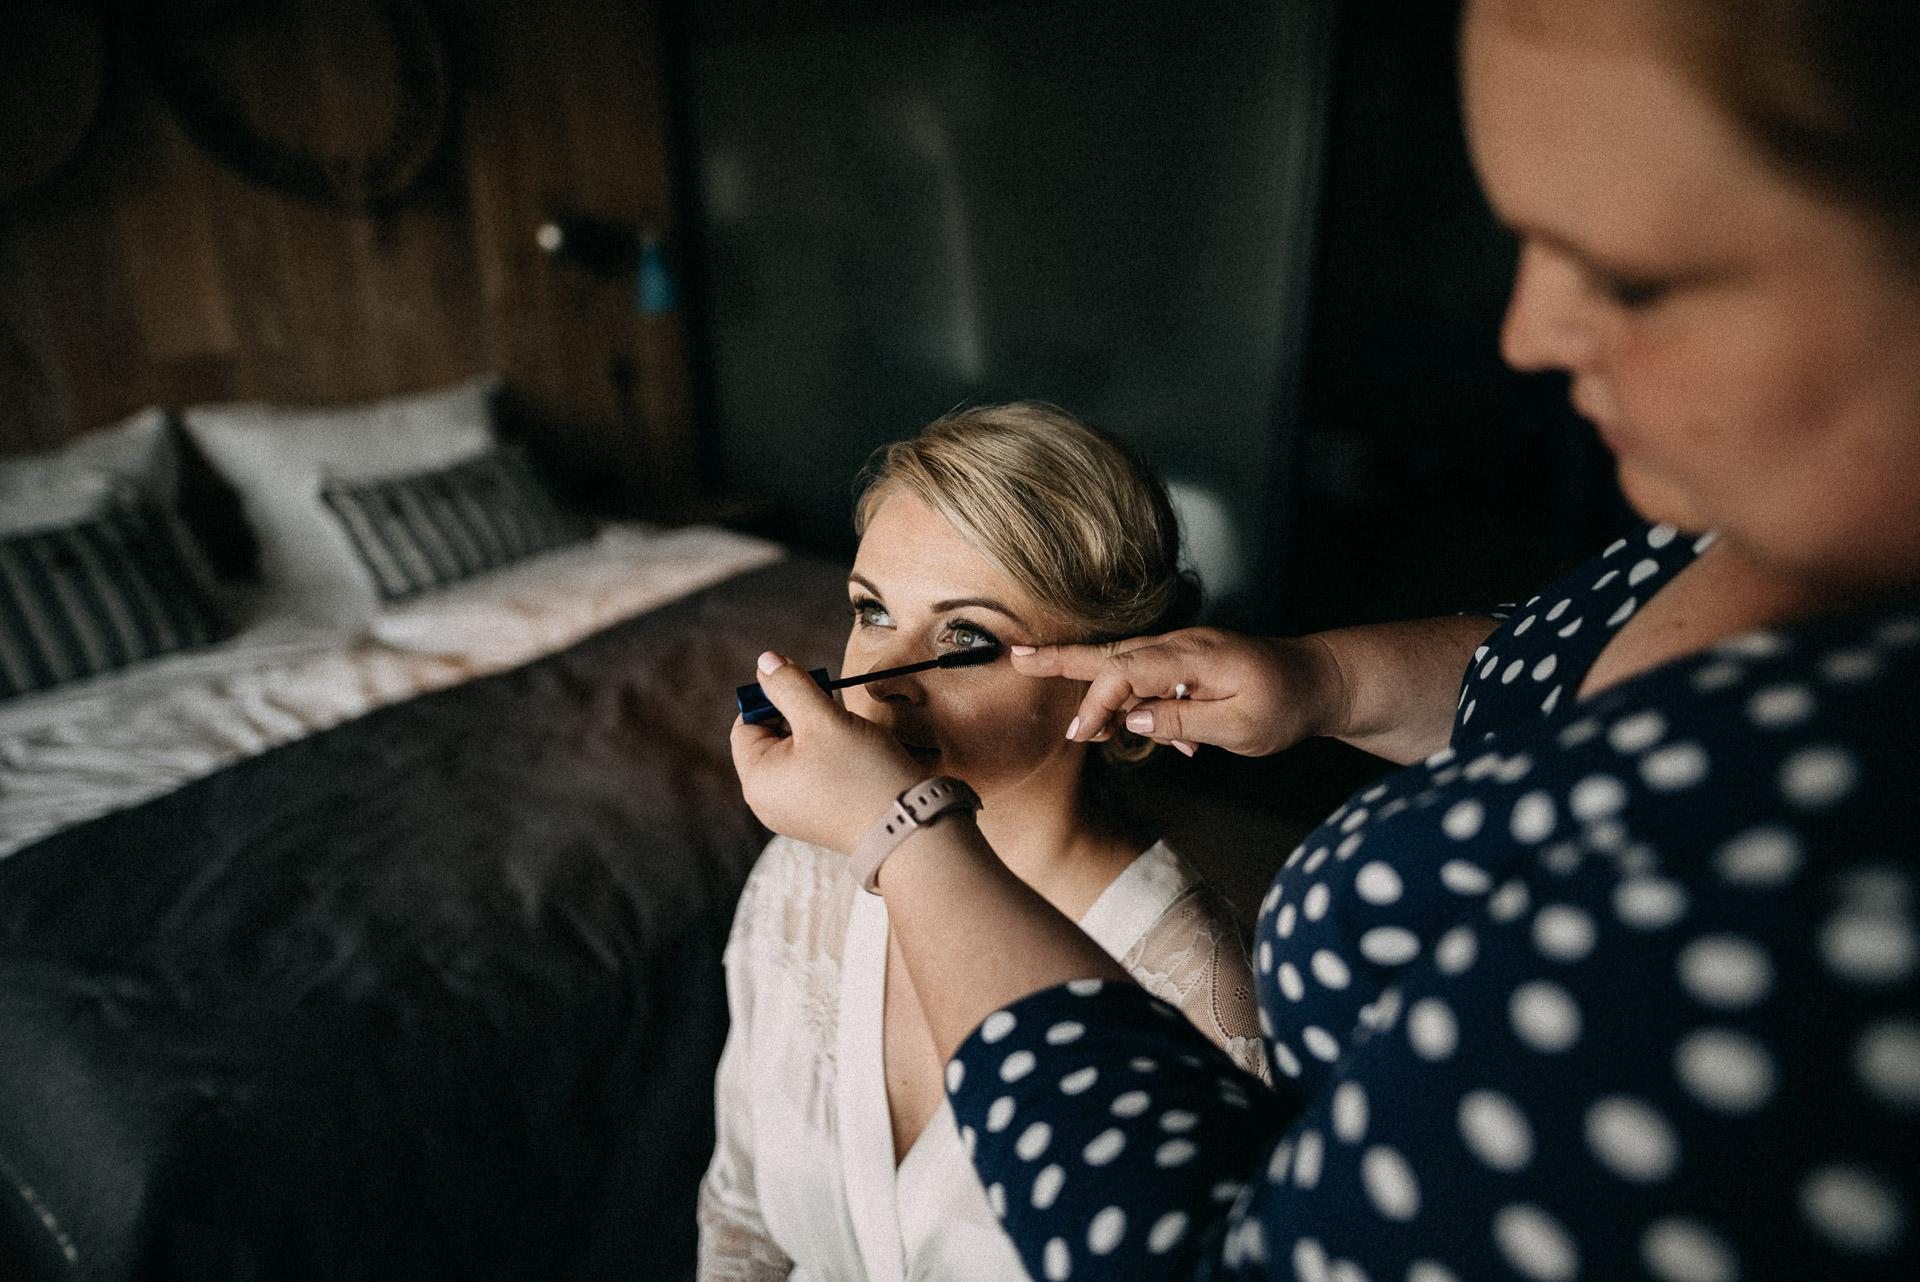 sminkeles szempilla keszulodes menyasszony